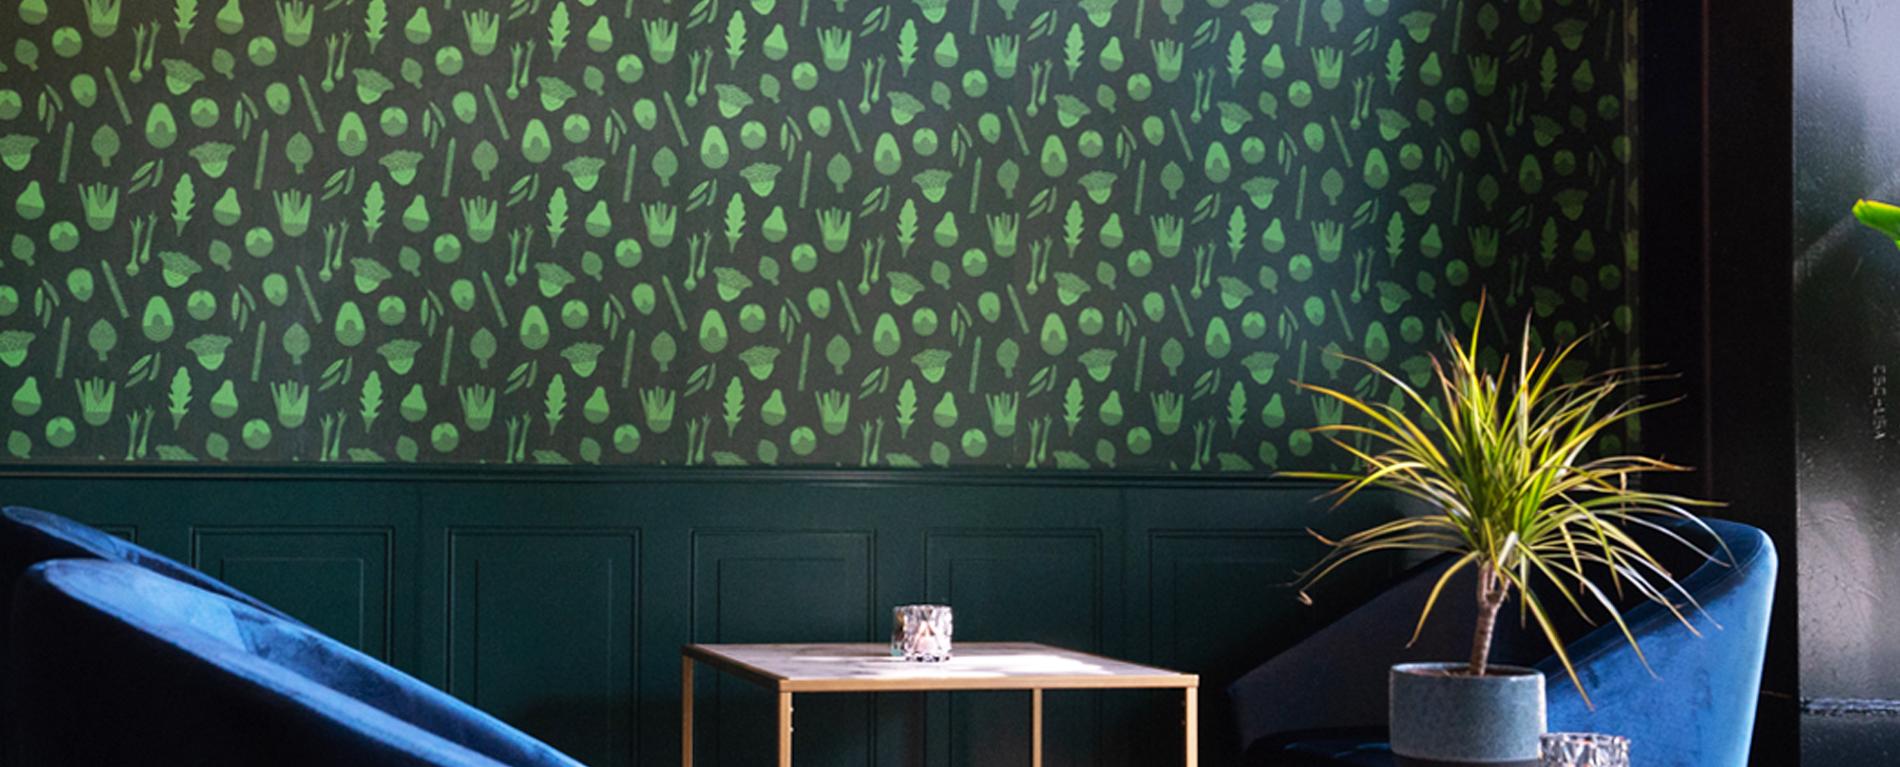 Restaurant Wallpaper Slider